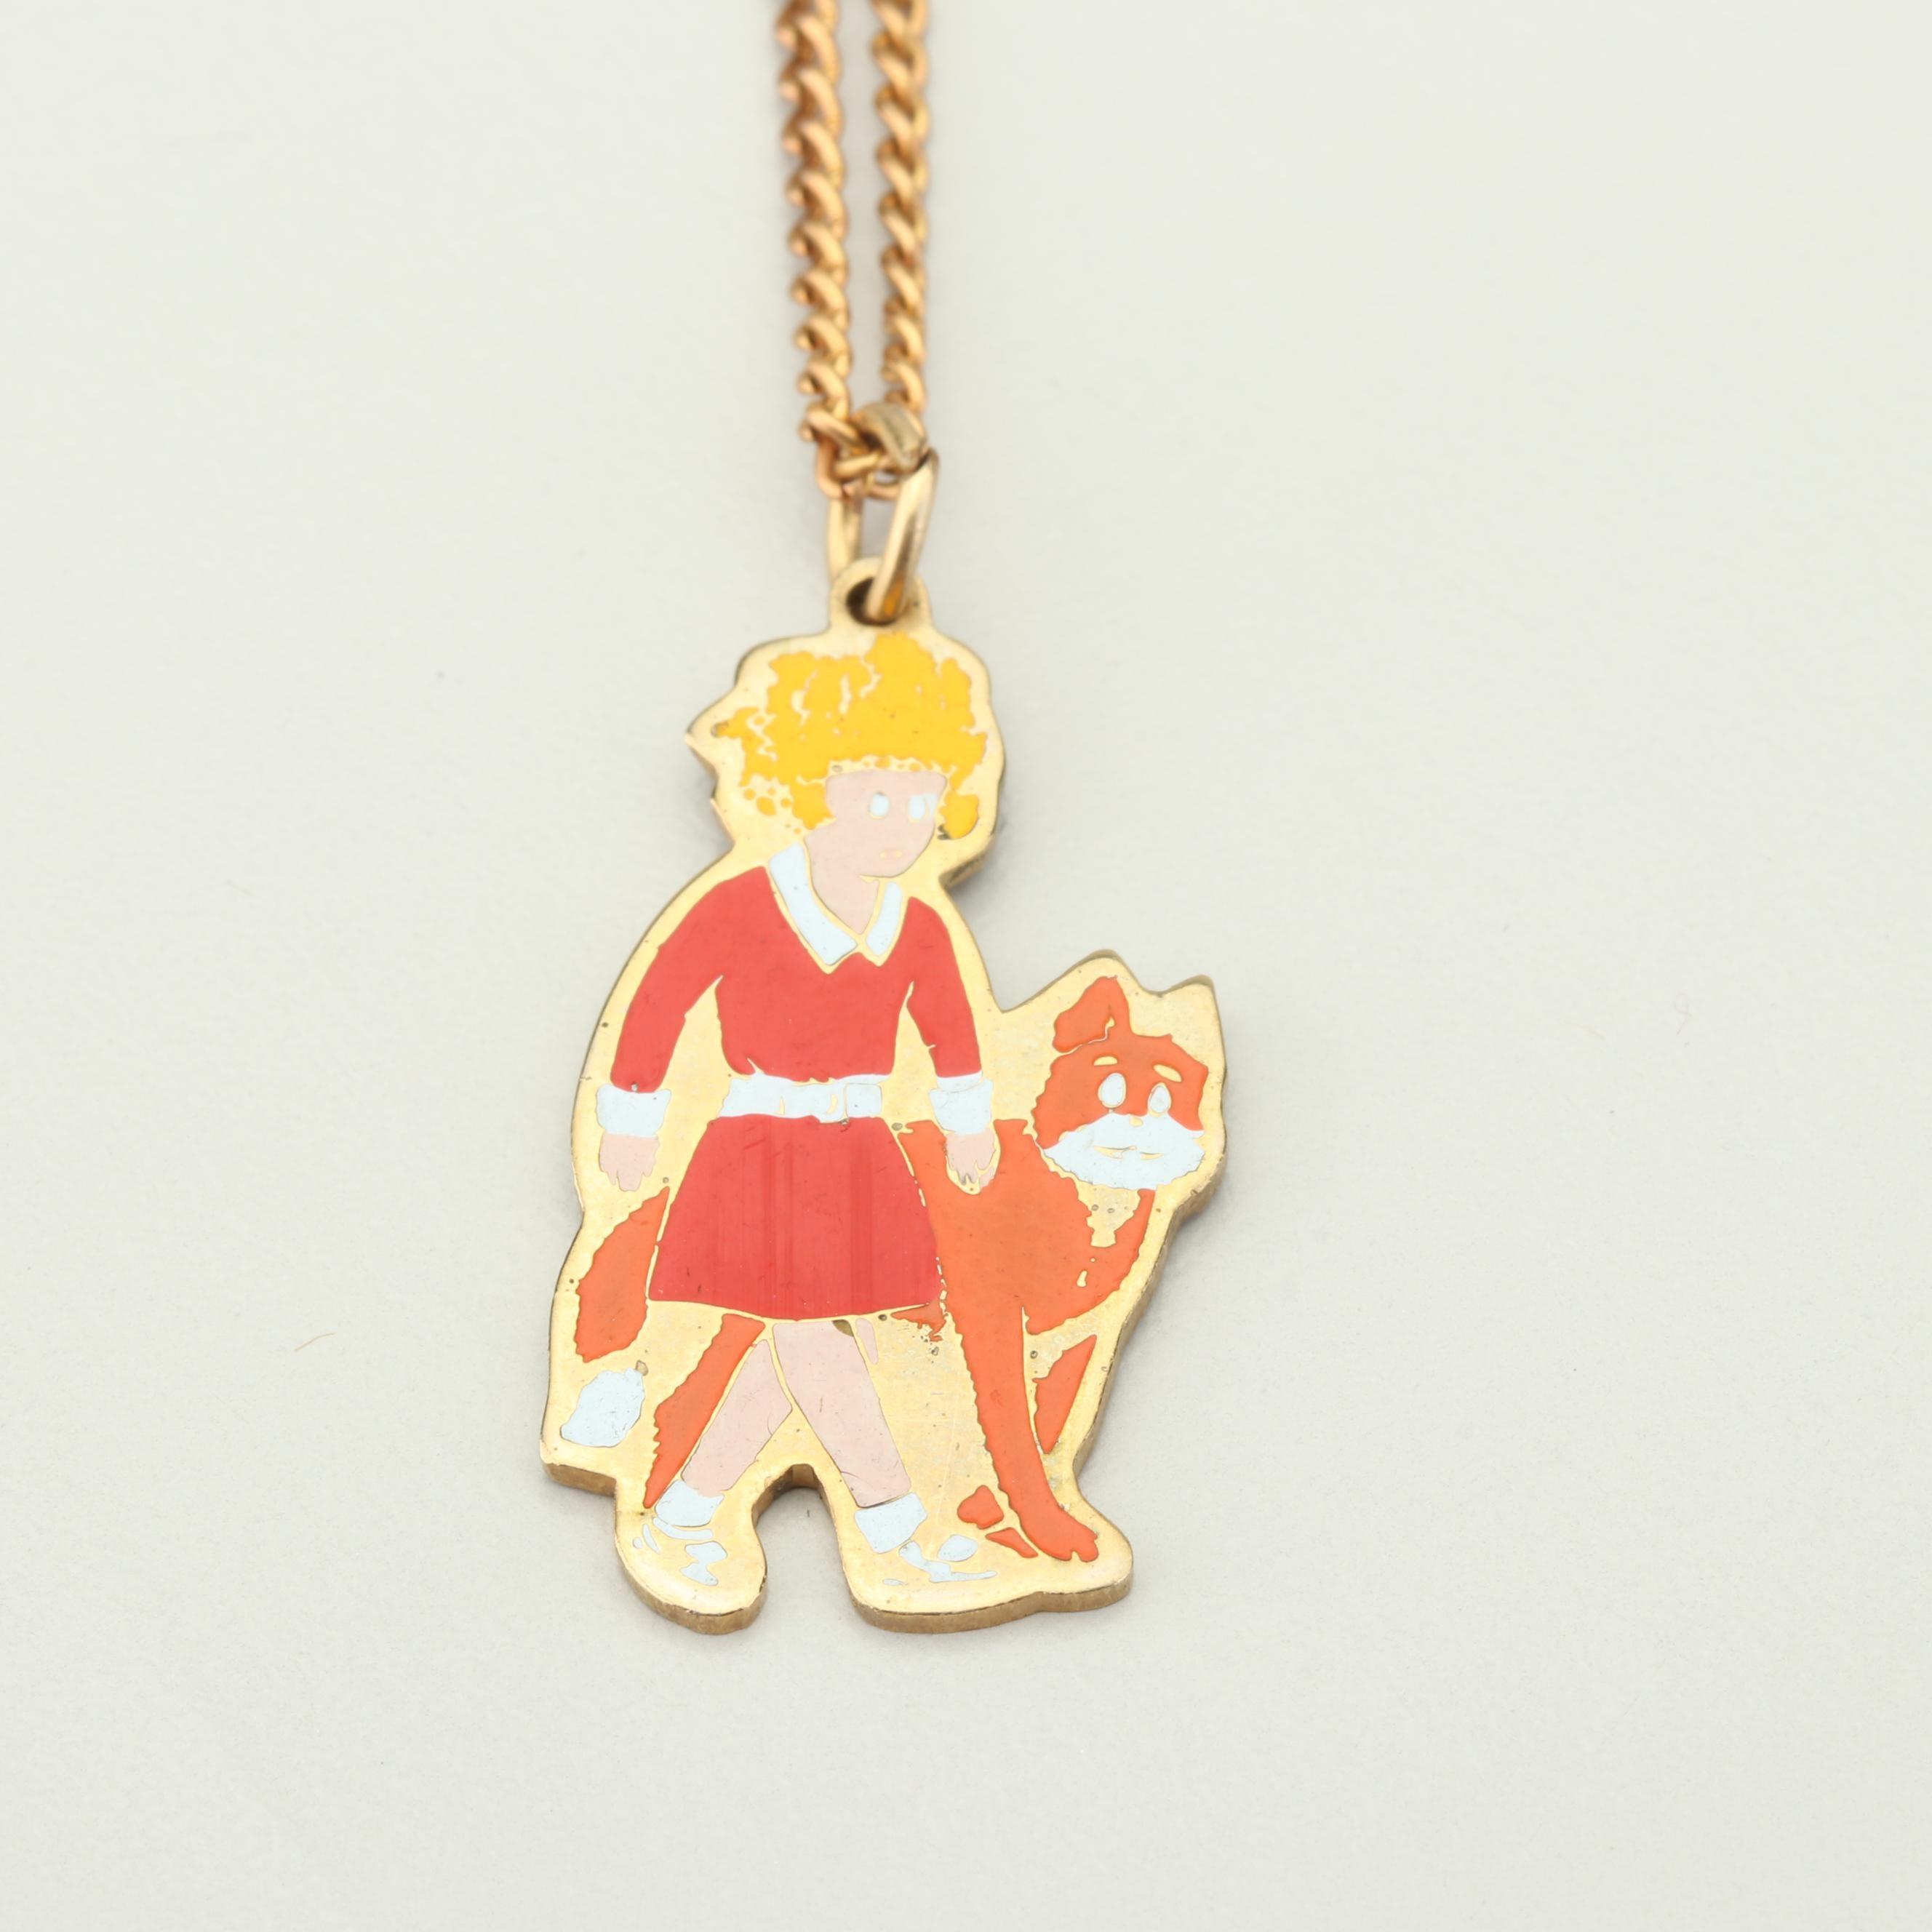 Vintage Gold Tone Orphan Annie Pendant Necklace